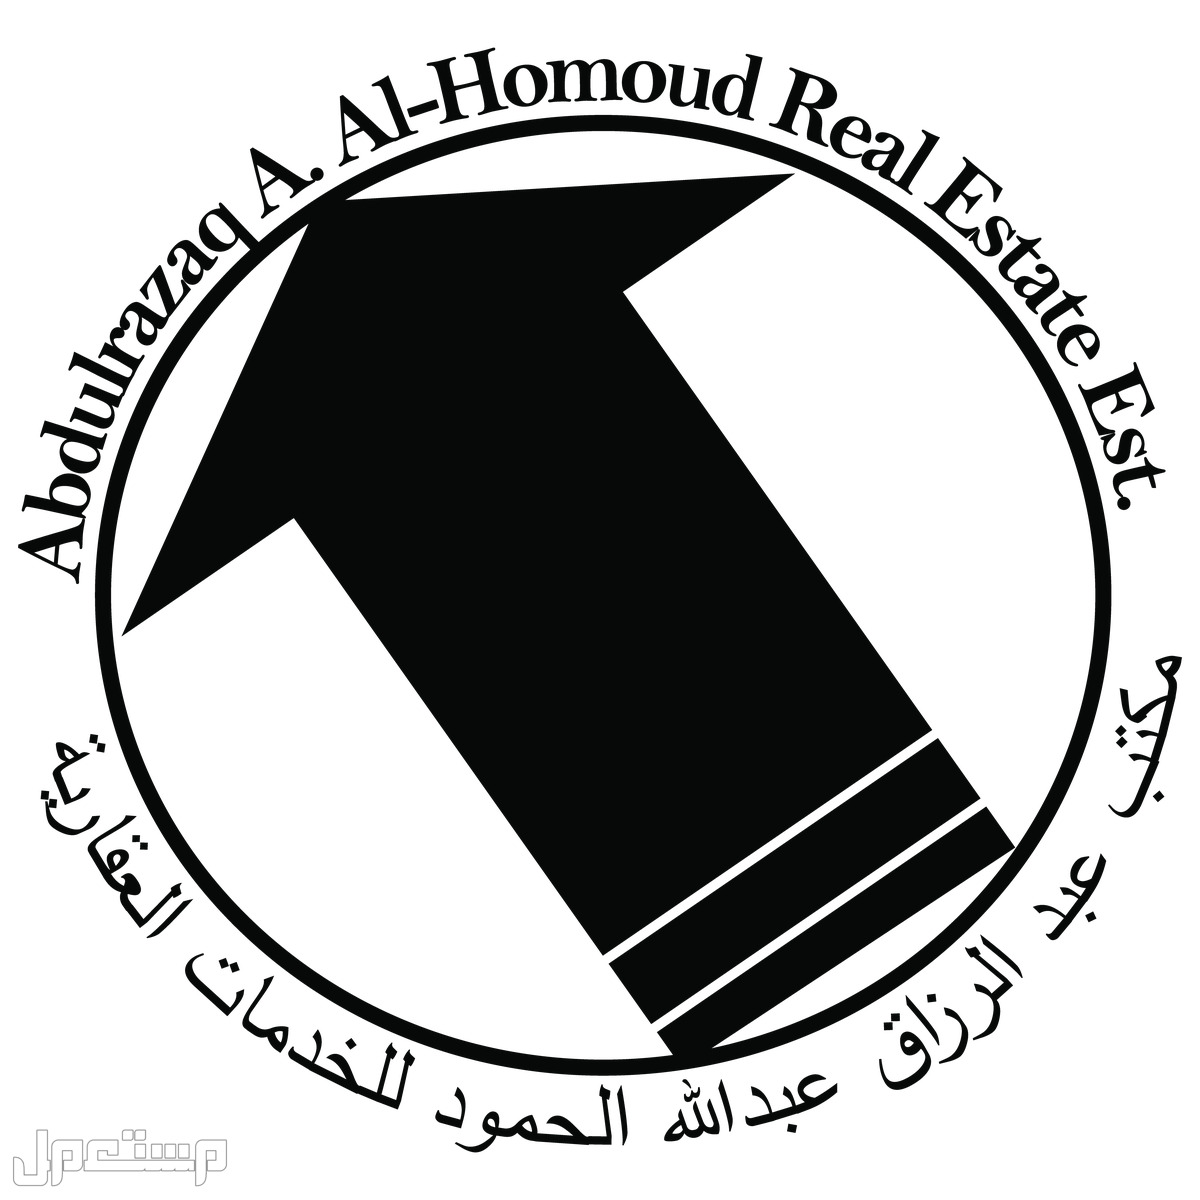 أرض للبيع بالعزيزية مخطط الكوثر 122 / 2 مكتب عبدالرزاق الحمود للخدمات العقارية